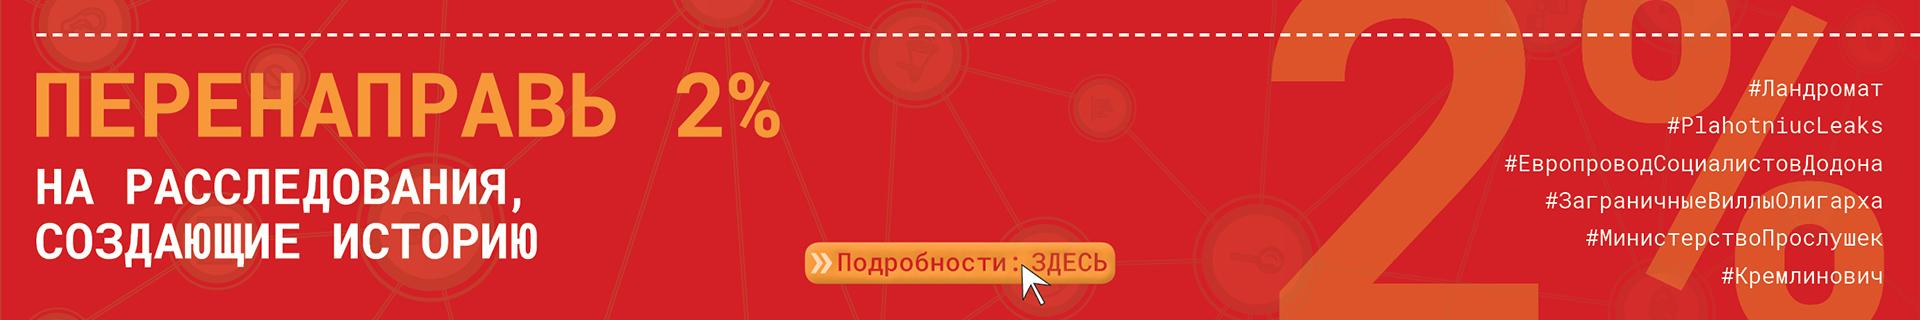 ru-2021-2-procente-articol2-1-fin